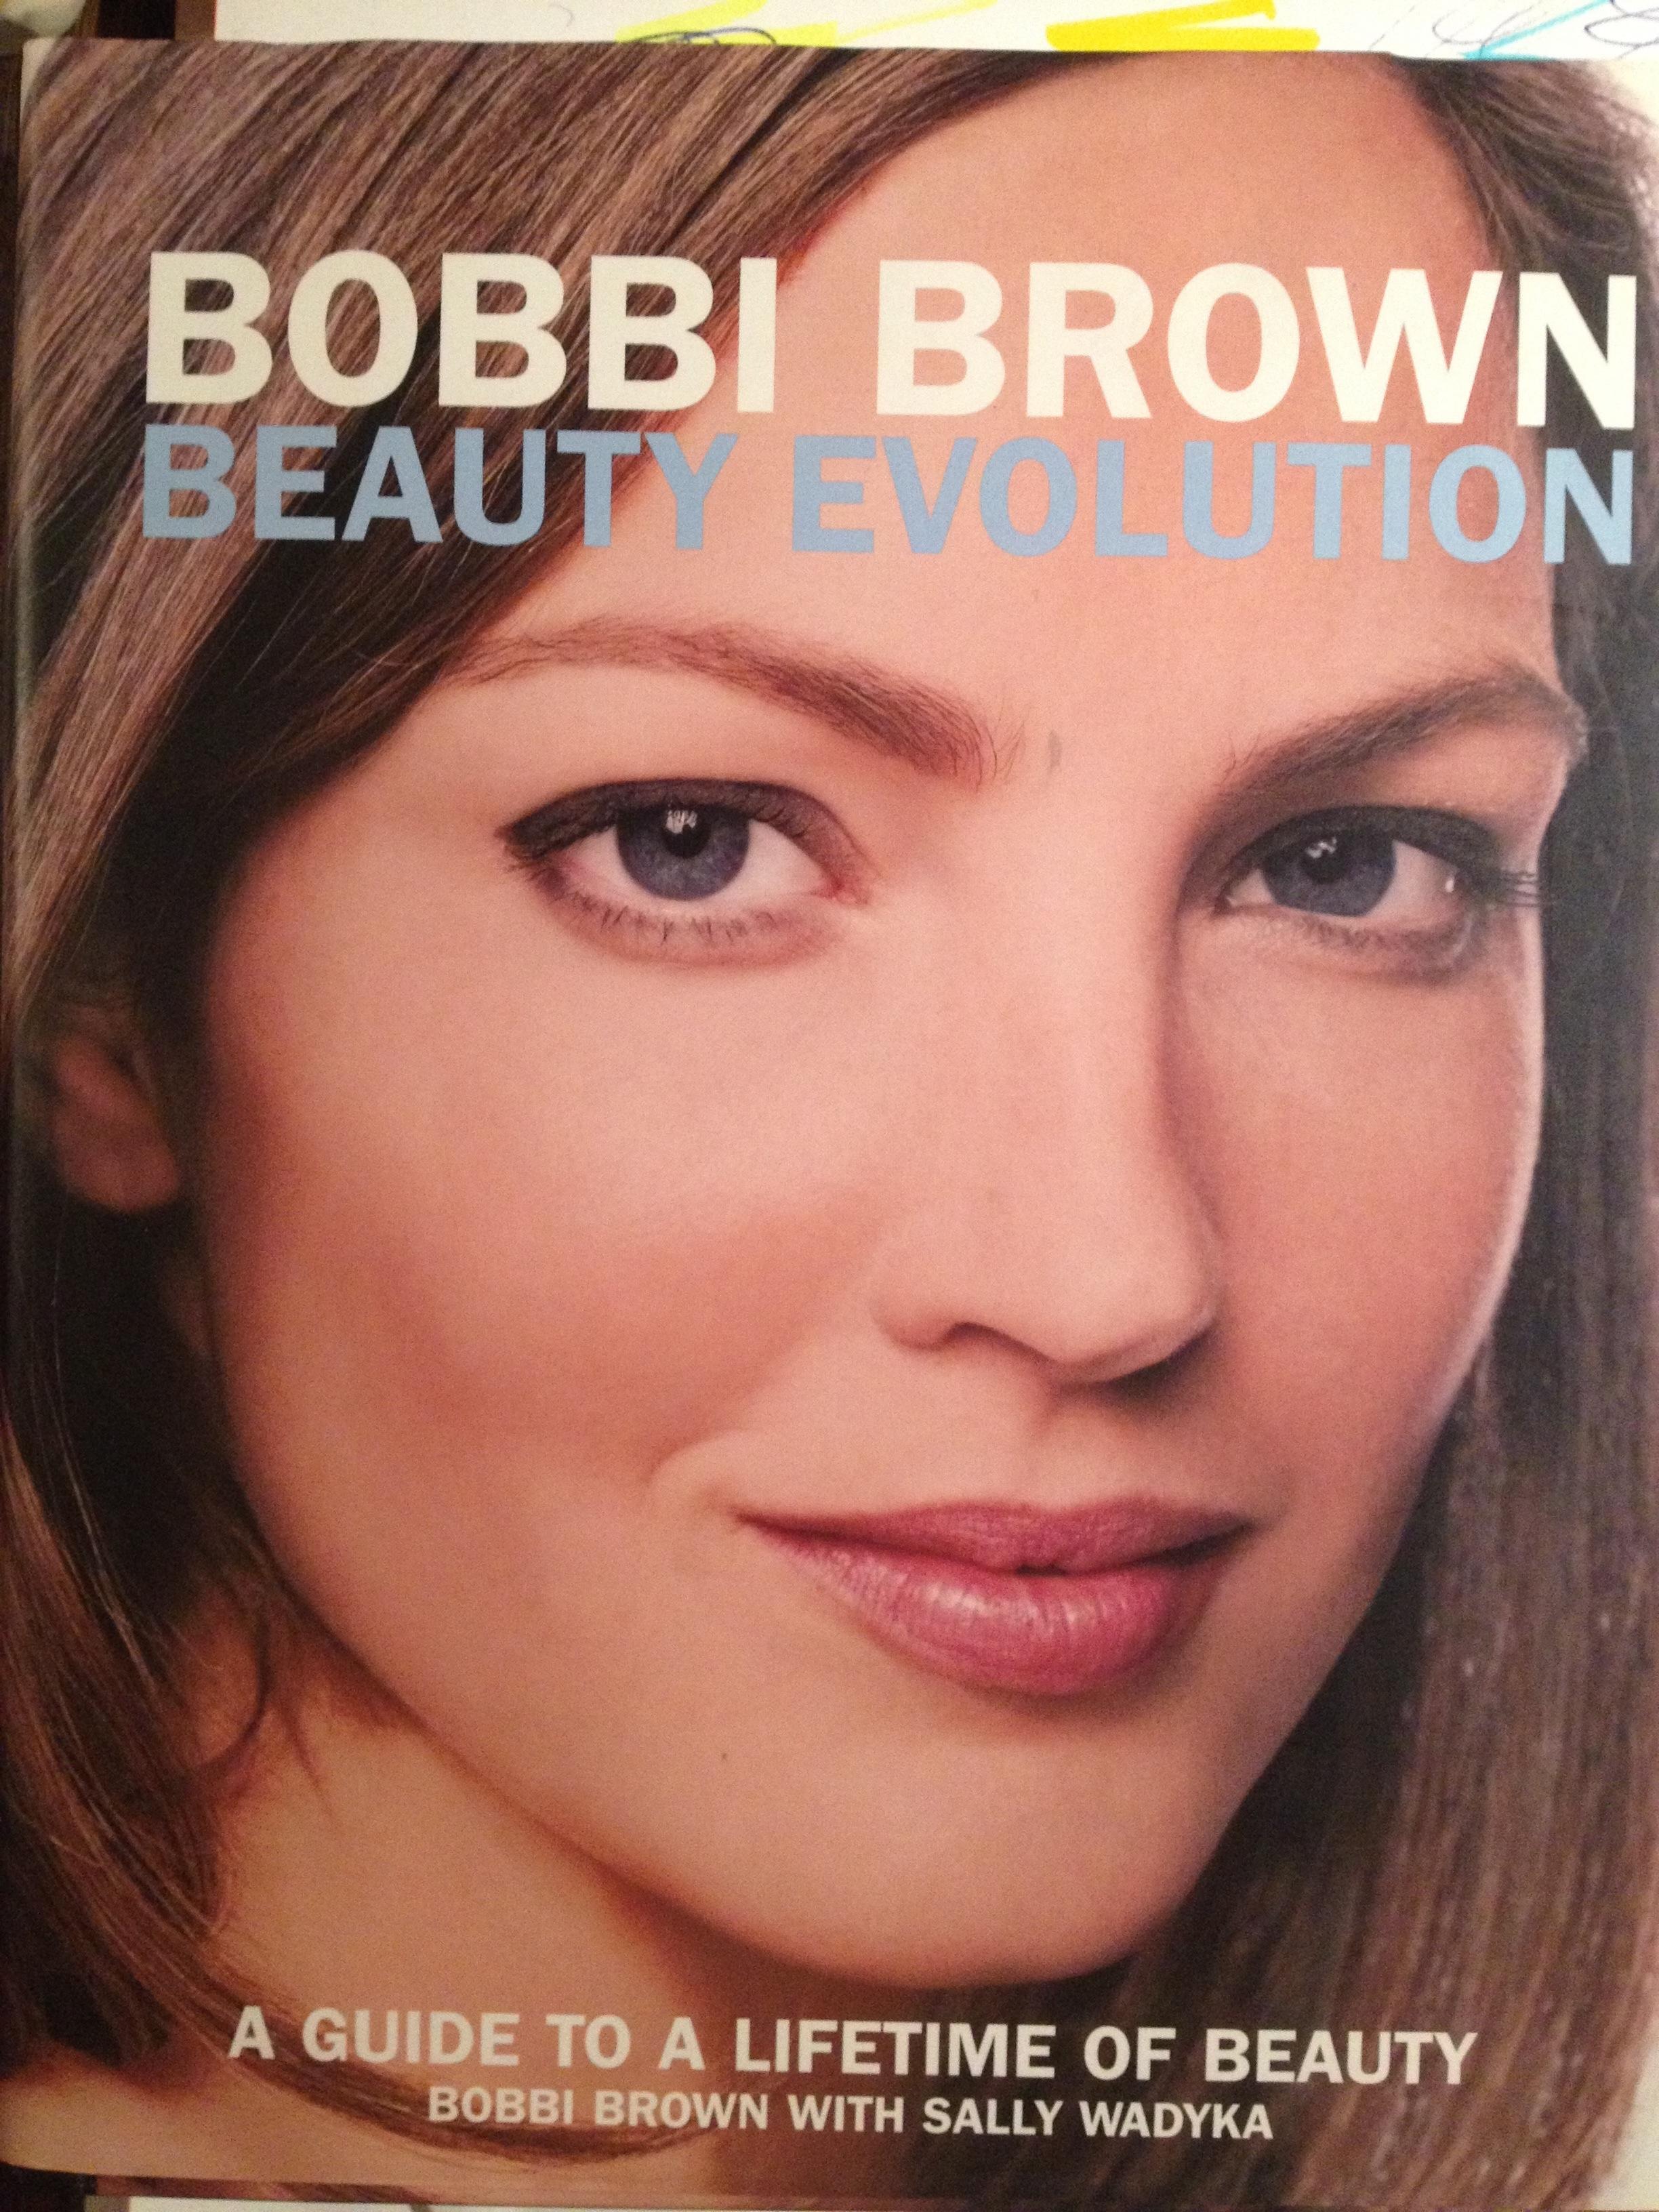 Bobbi Brown - ett klassiskt boktips - Oss granntanter emellanOss ... 2b29887884686